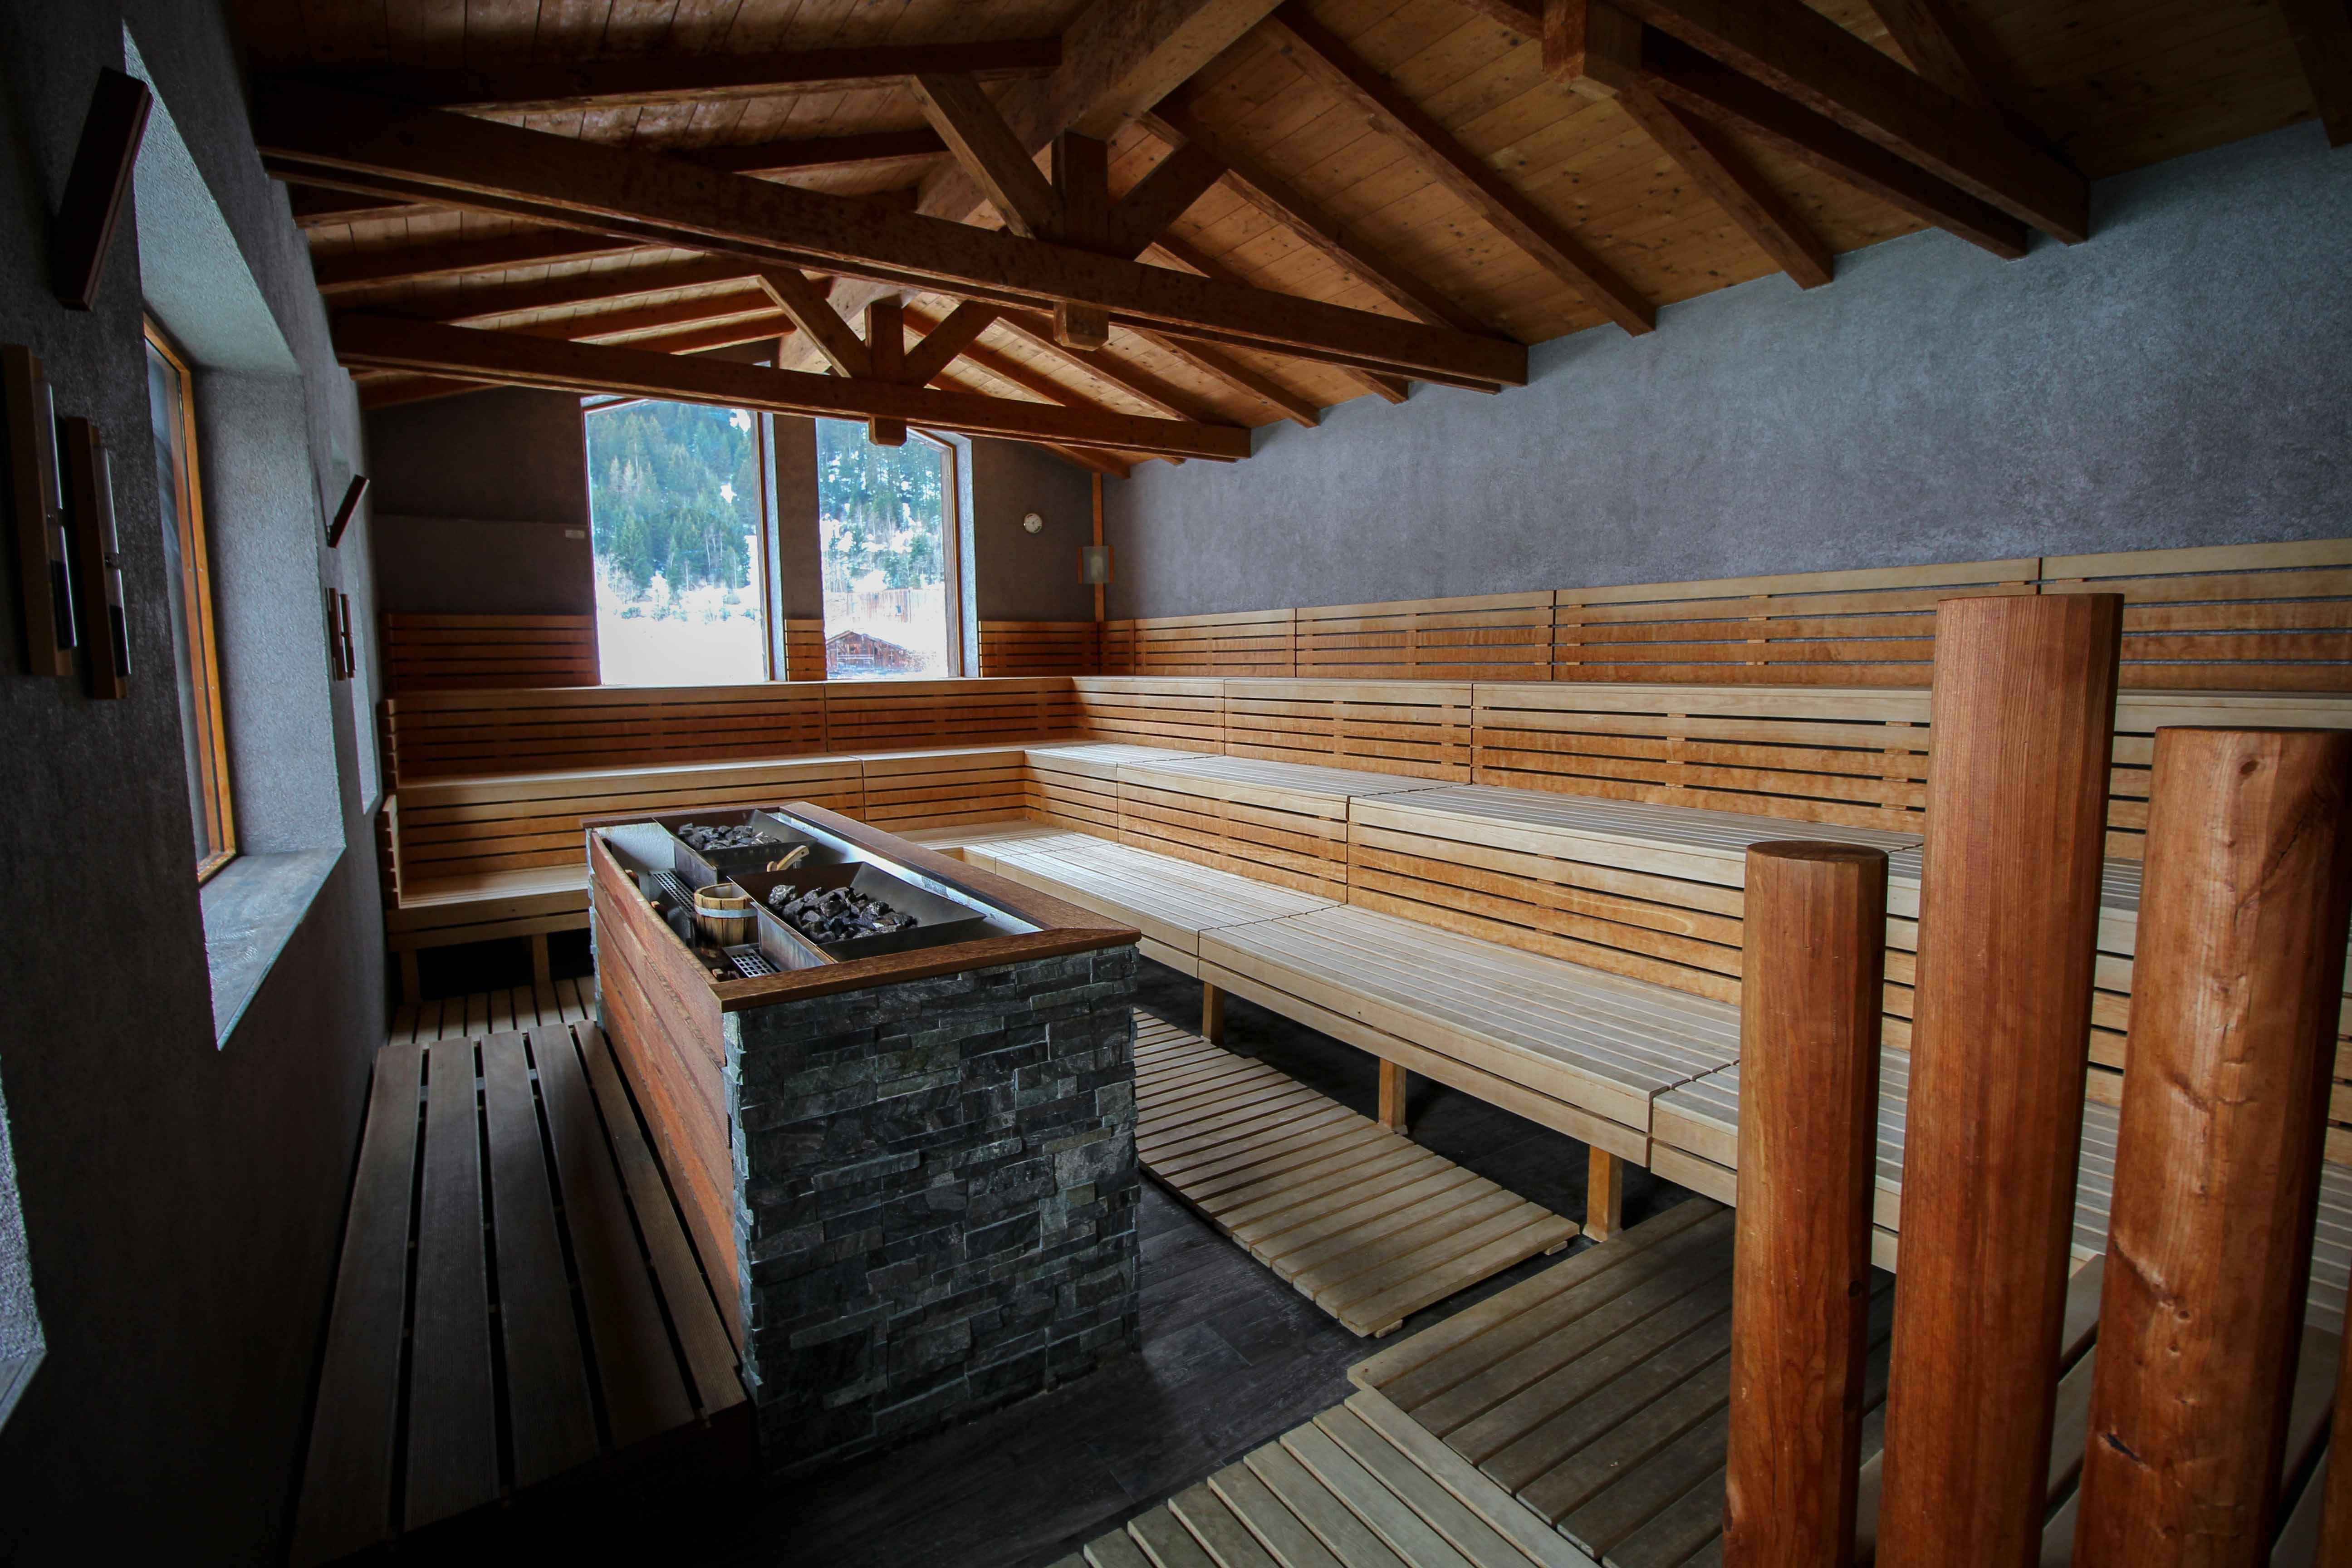 Südtirol Hotel Schneeberg Resort Spa Wellnessbereich Panoramasauna Erlebnissauna italien Wellnesshotel Reiseblog Wellnessurlaub Kurzurlaub Hotelempfehlung Skiurlaub